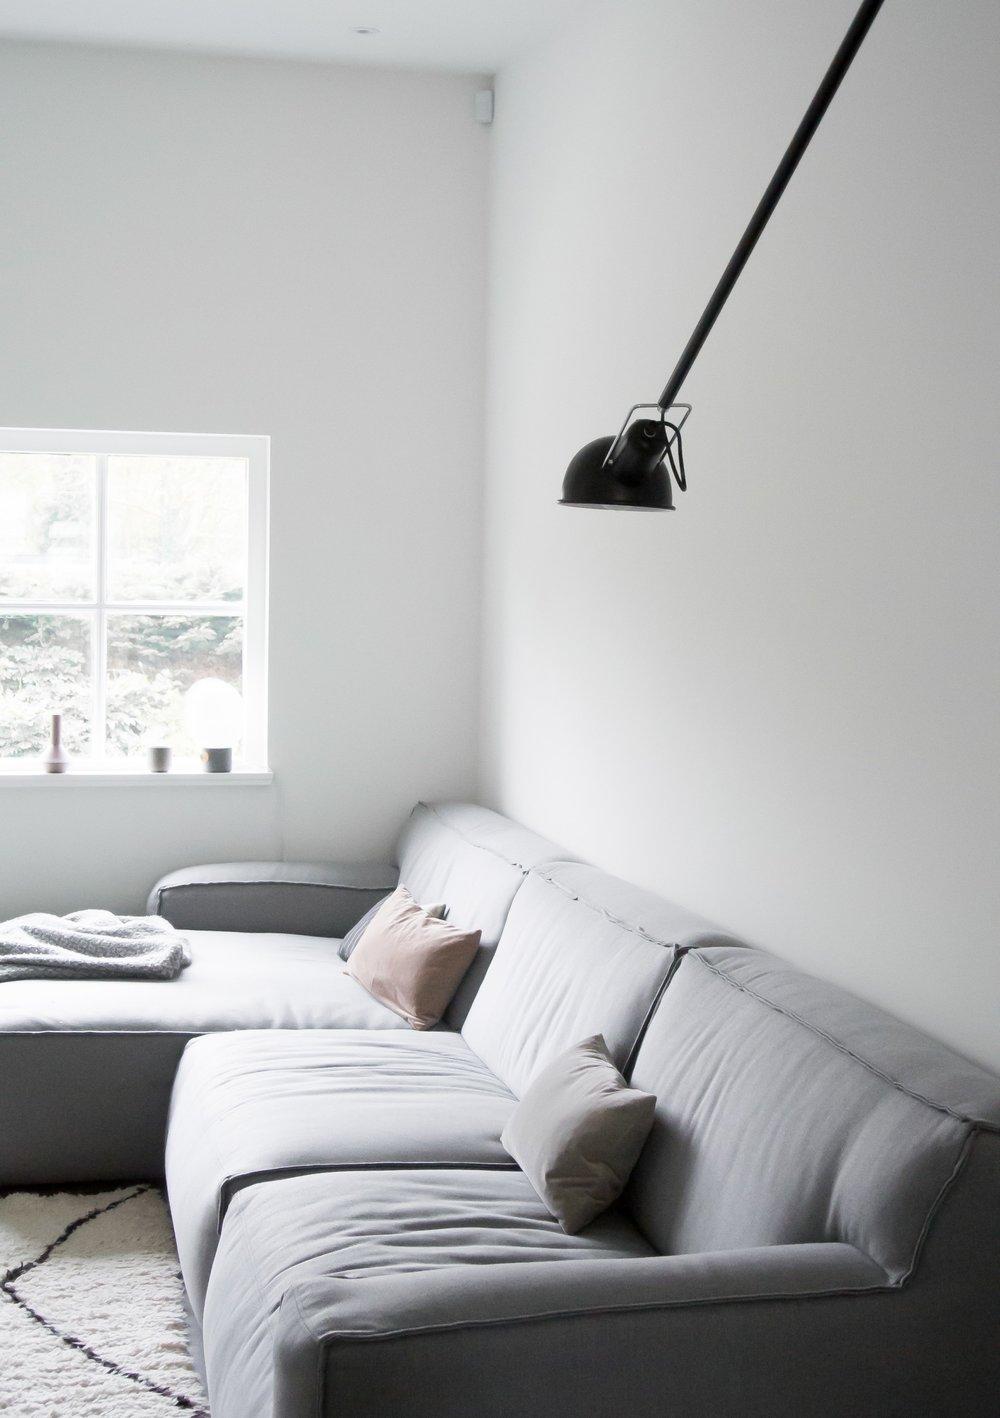 Flow wall lamp design aprilandmay at home